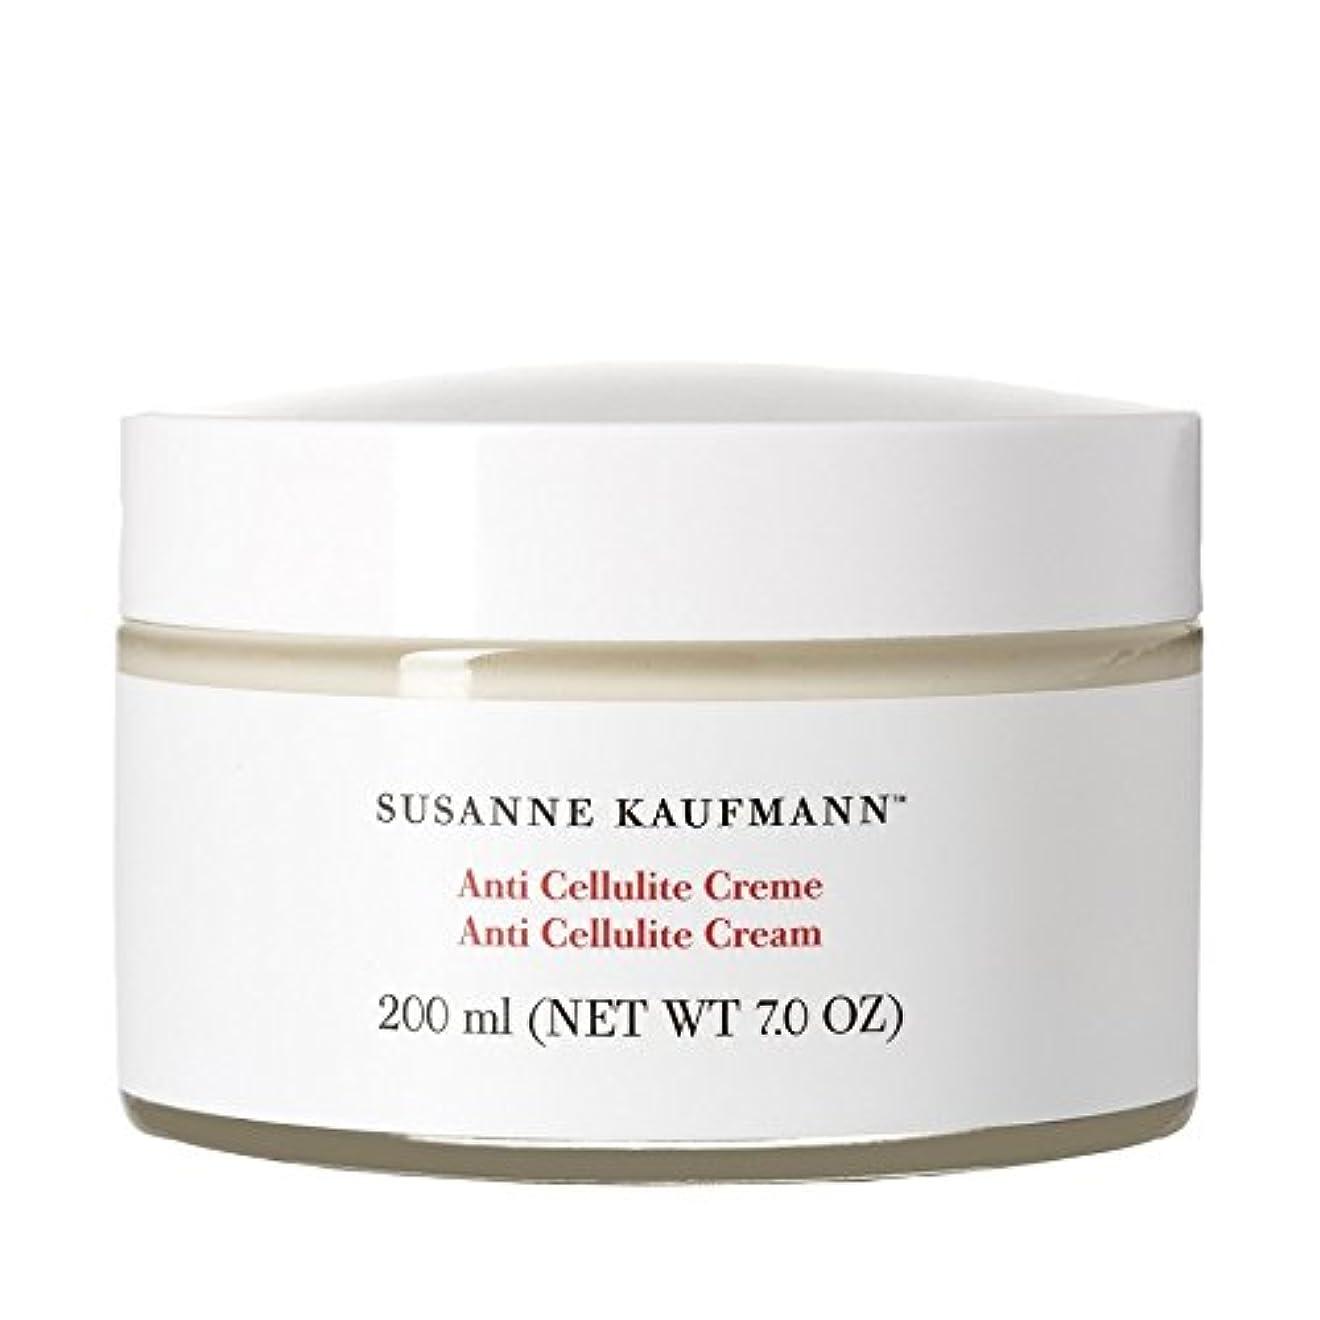 振る舞う疼痛正確にスザンヌカウフマン抗セルライトクリーム200ミリリットル x4 - Susanne Kaufmann Anti Cellulite Cream 200ml (Pack of 4) [並行輸入品]